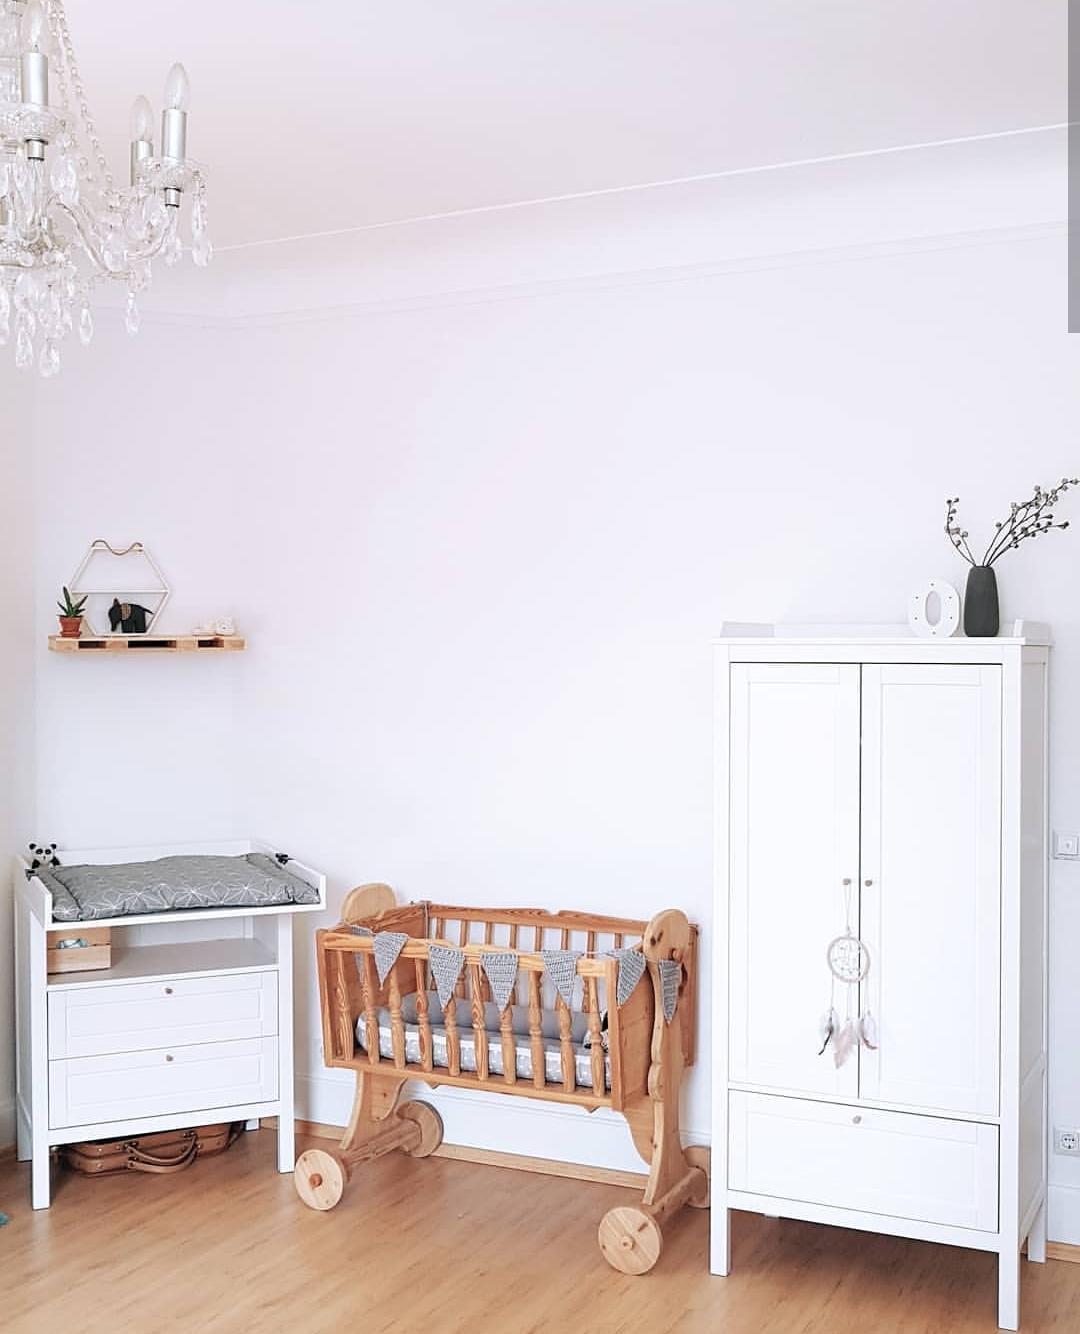 Babyzimmer-Ideen: So bereitest du alles vor!